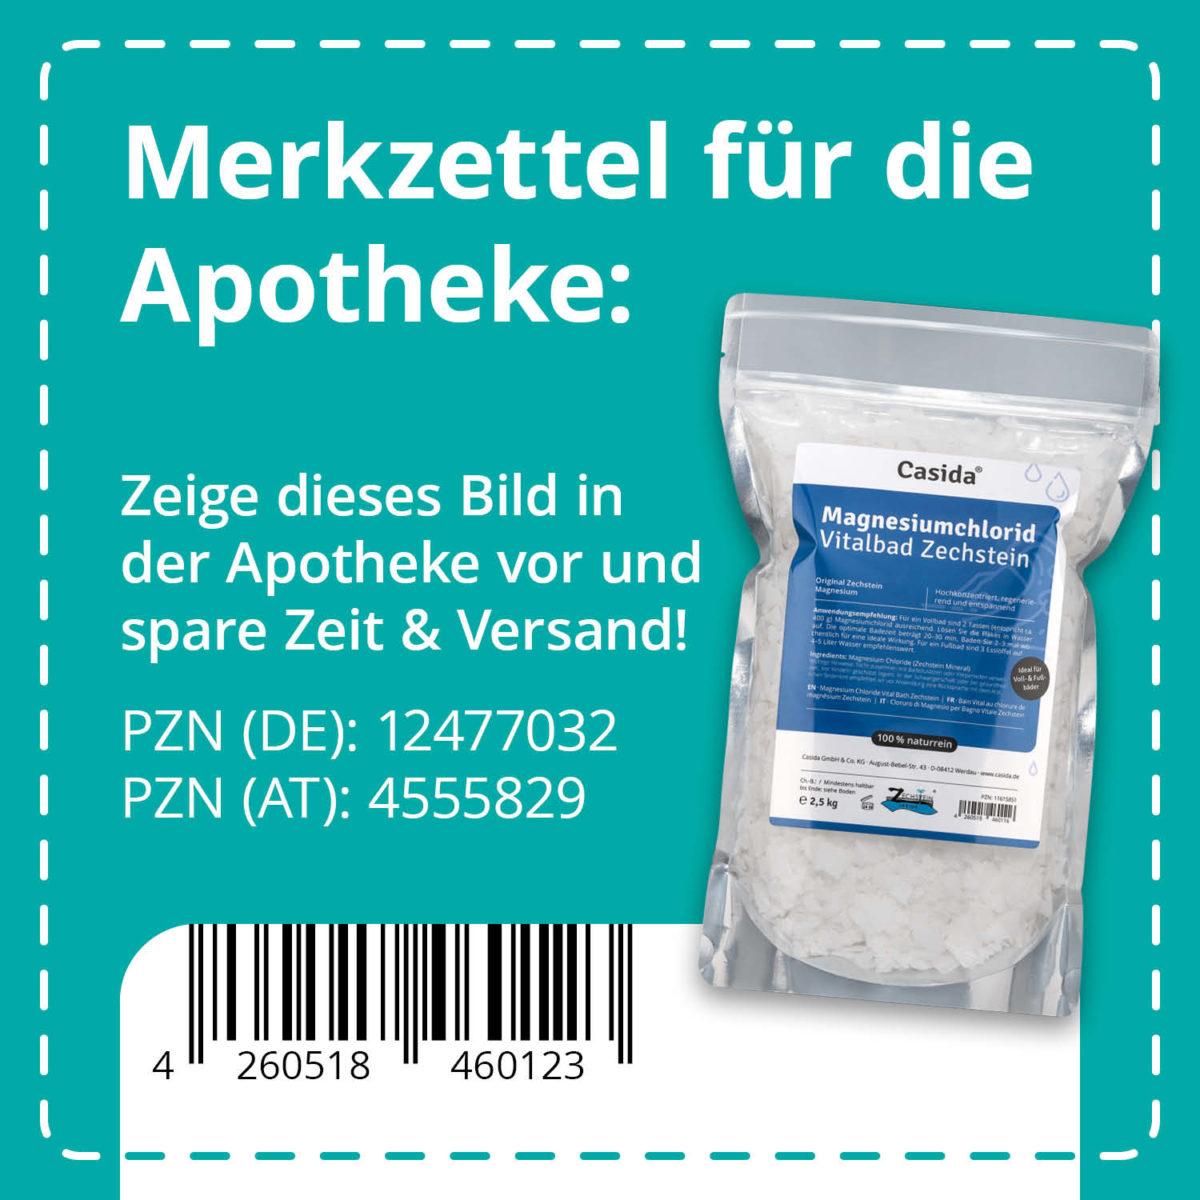 Casida Magnesiumchlorid Vitalbad Zechstein 2,5 kg PZN DE 12477032 PZN AT 4555829 UVP 26,95 € EAN 4260518460123